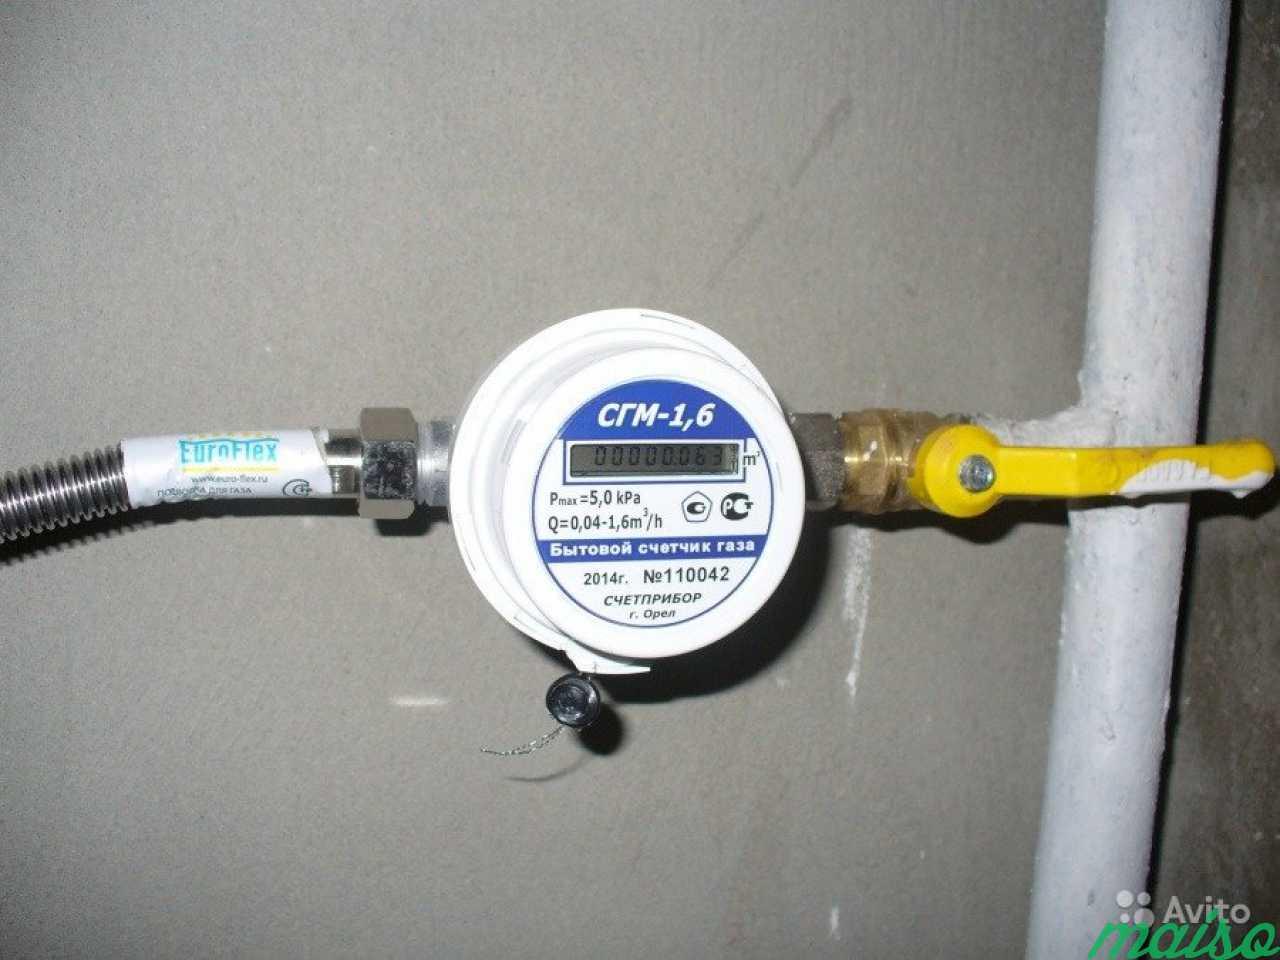 Замена счетчиков газа